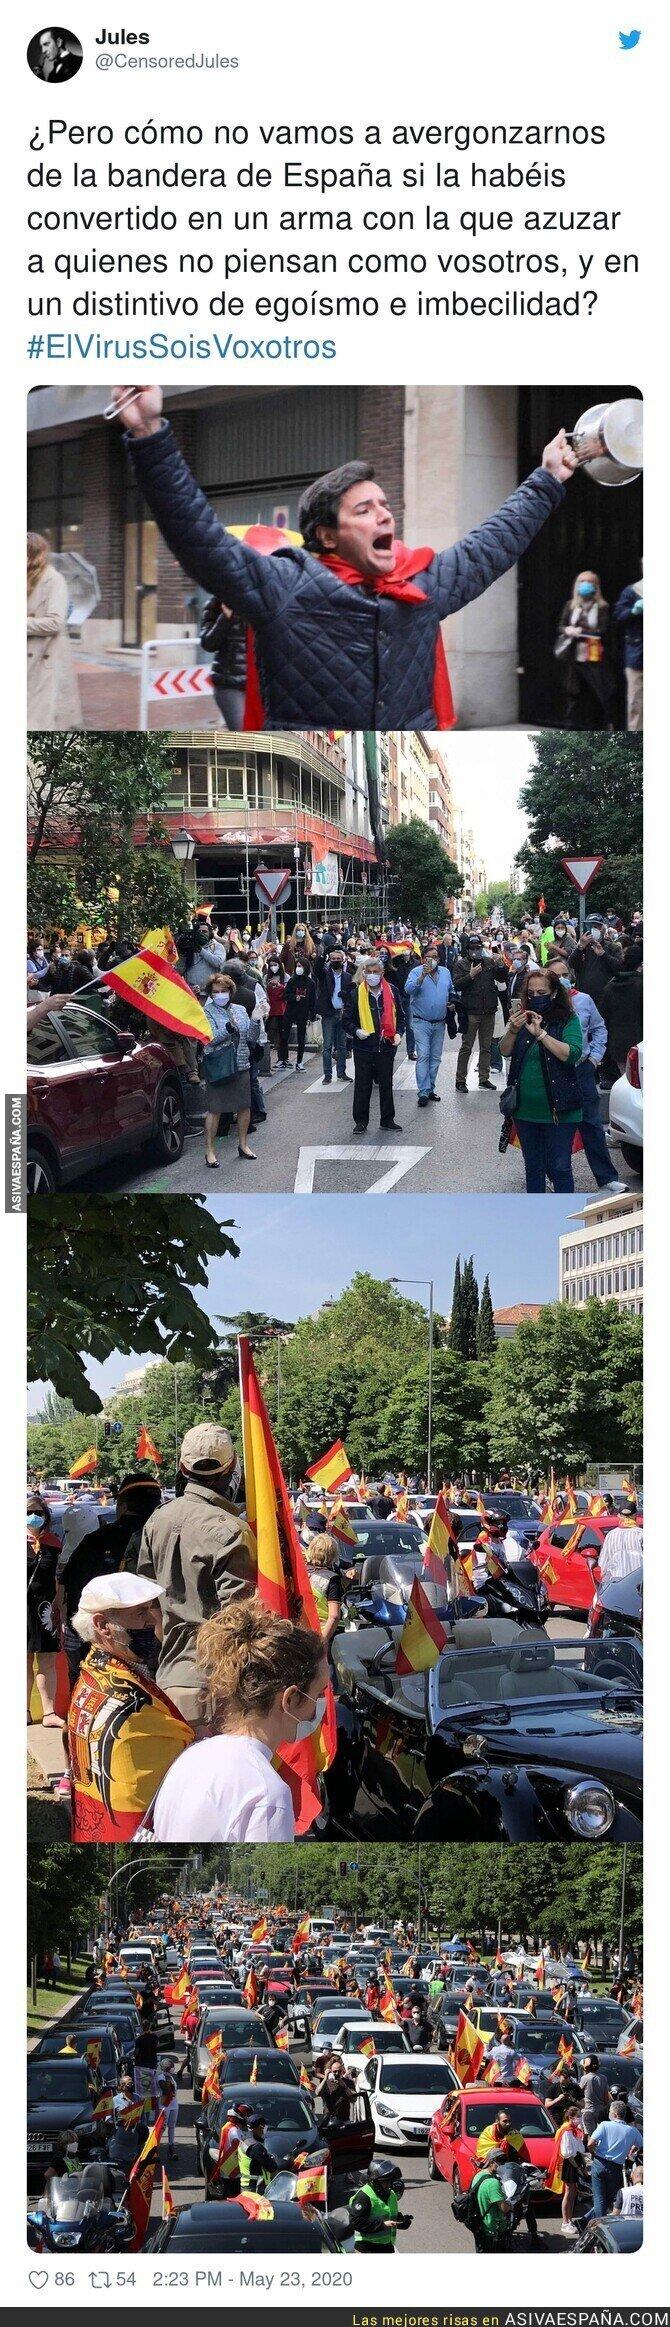 176428 - Este es el uso que le dan a la bandera española por la que a mucha gente ya no le representa